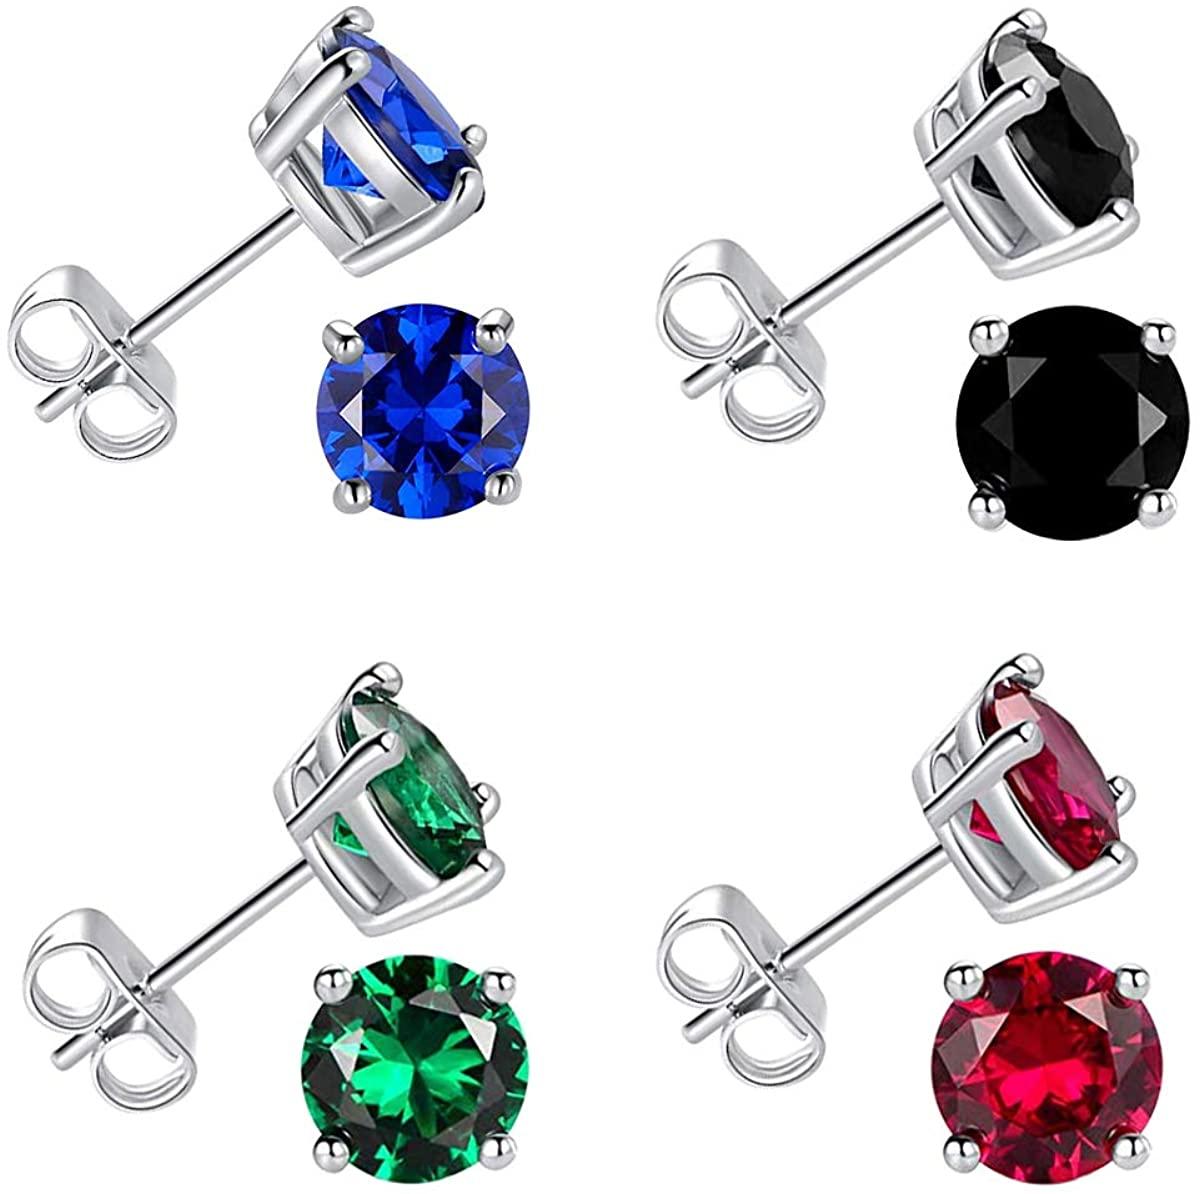 Sterling Silver Stud Earrings Hypoallergenic Earring Jewelry Gifts for Women Teen Girls Pack of 4 (Amethyst Opal CZ Earrings)